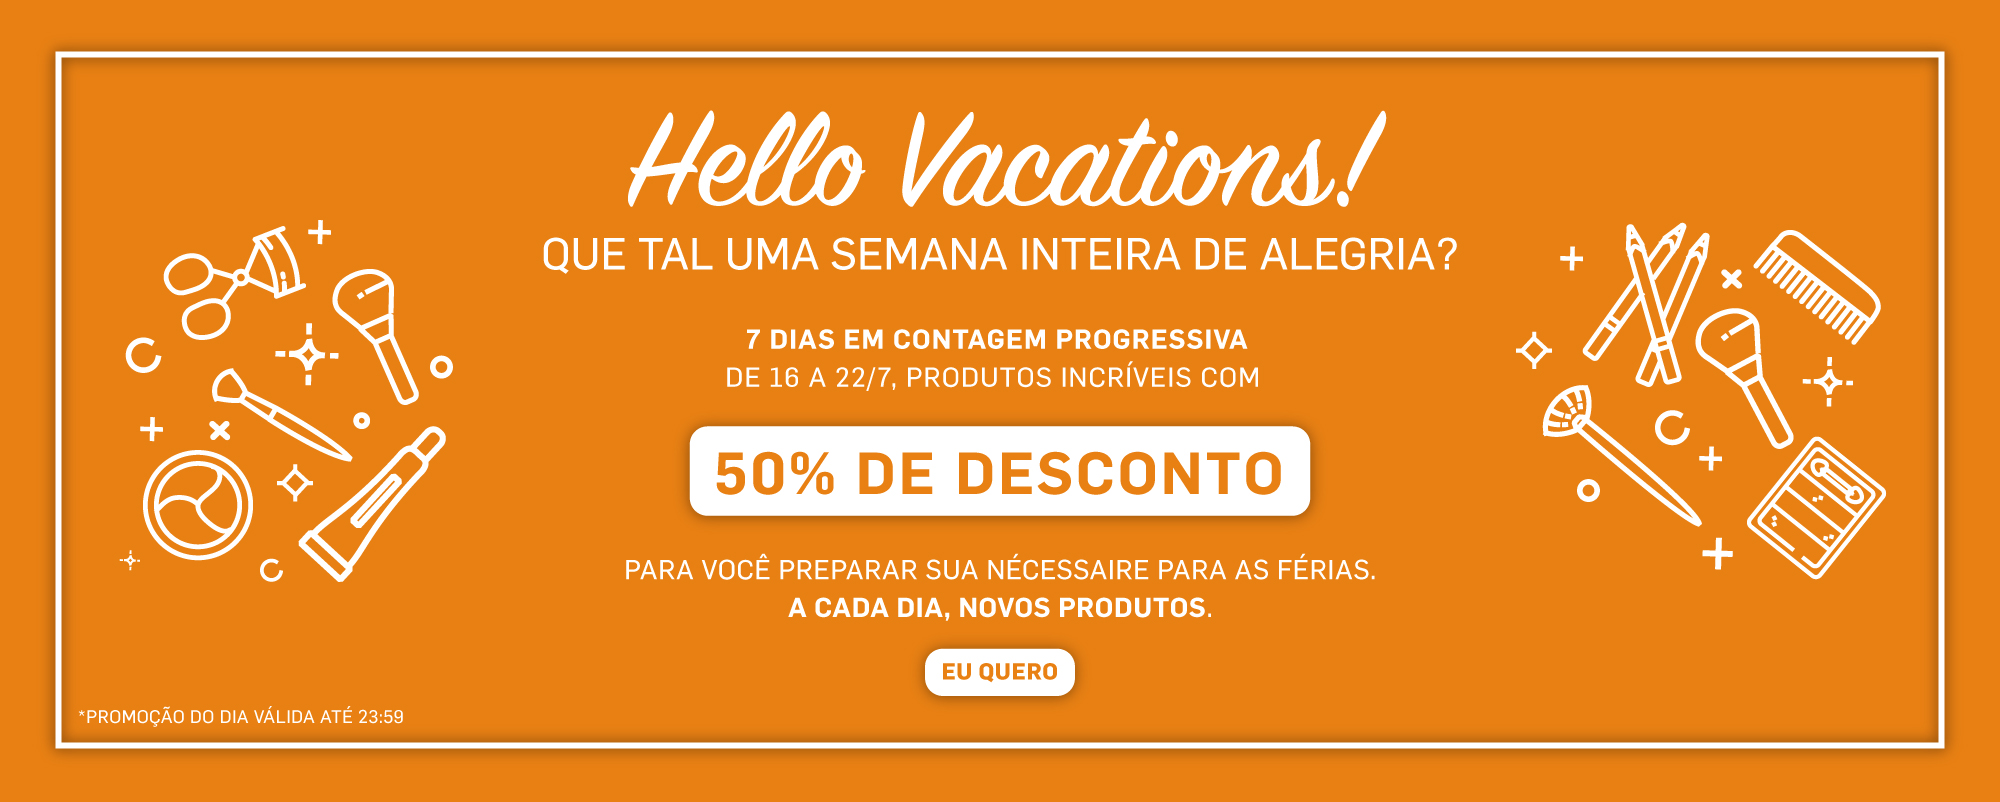 7 - Hello Vacations